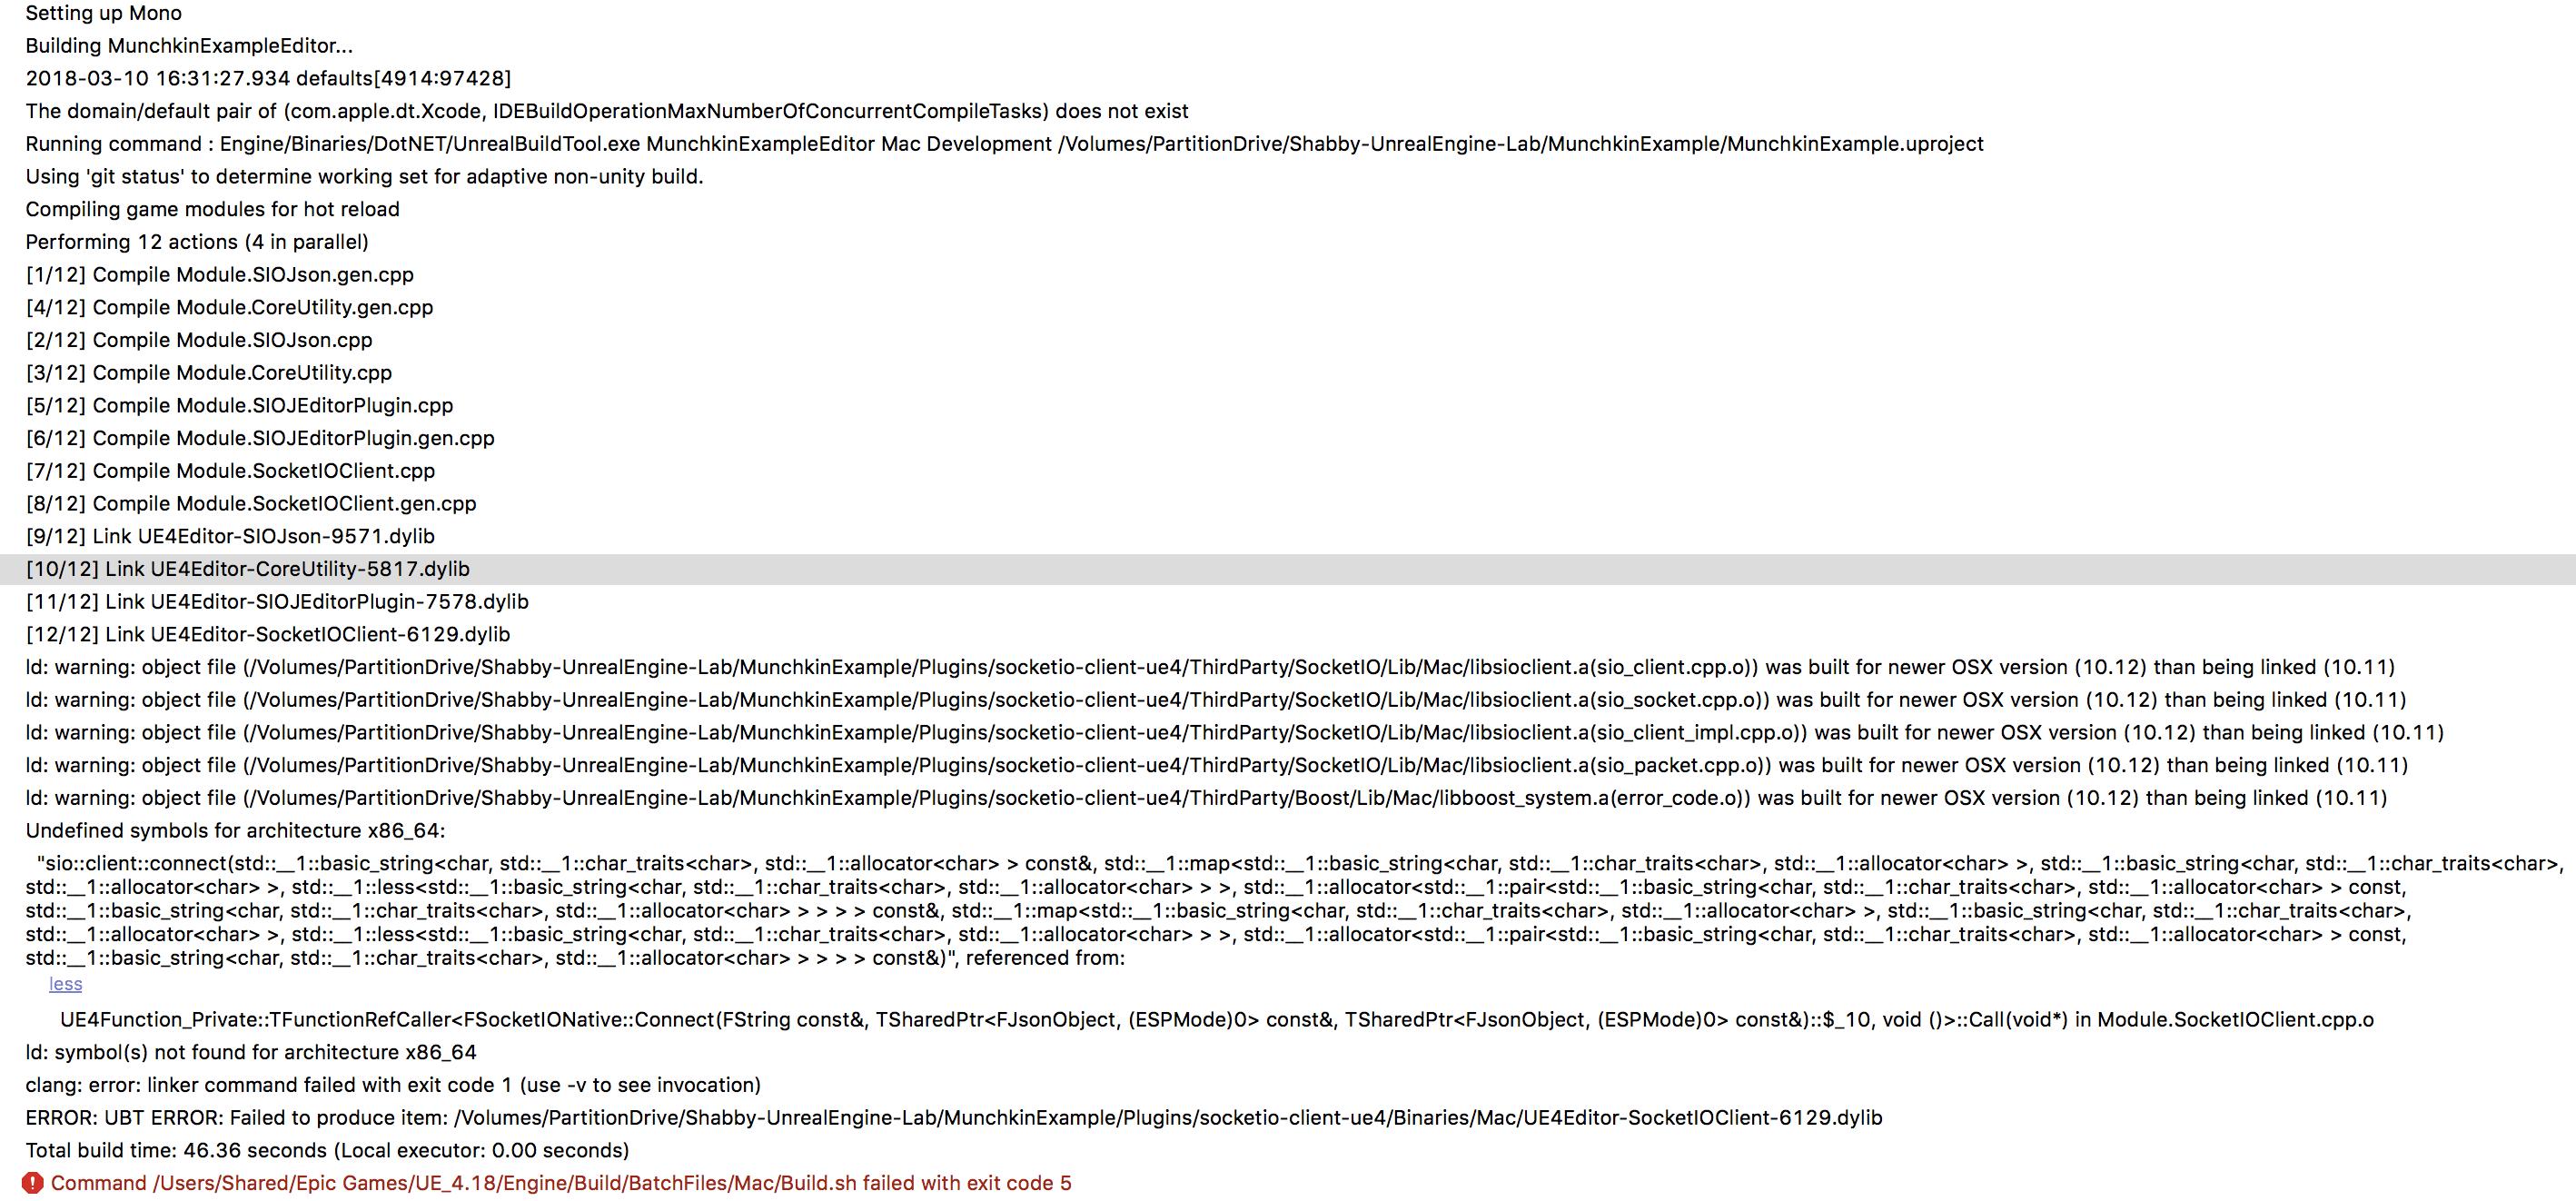 Plugin Build Error in Mac · Issue #73 · getnamo/socketio-client-ue4